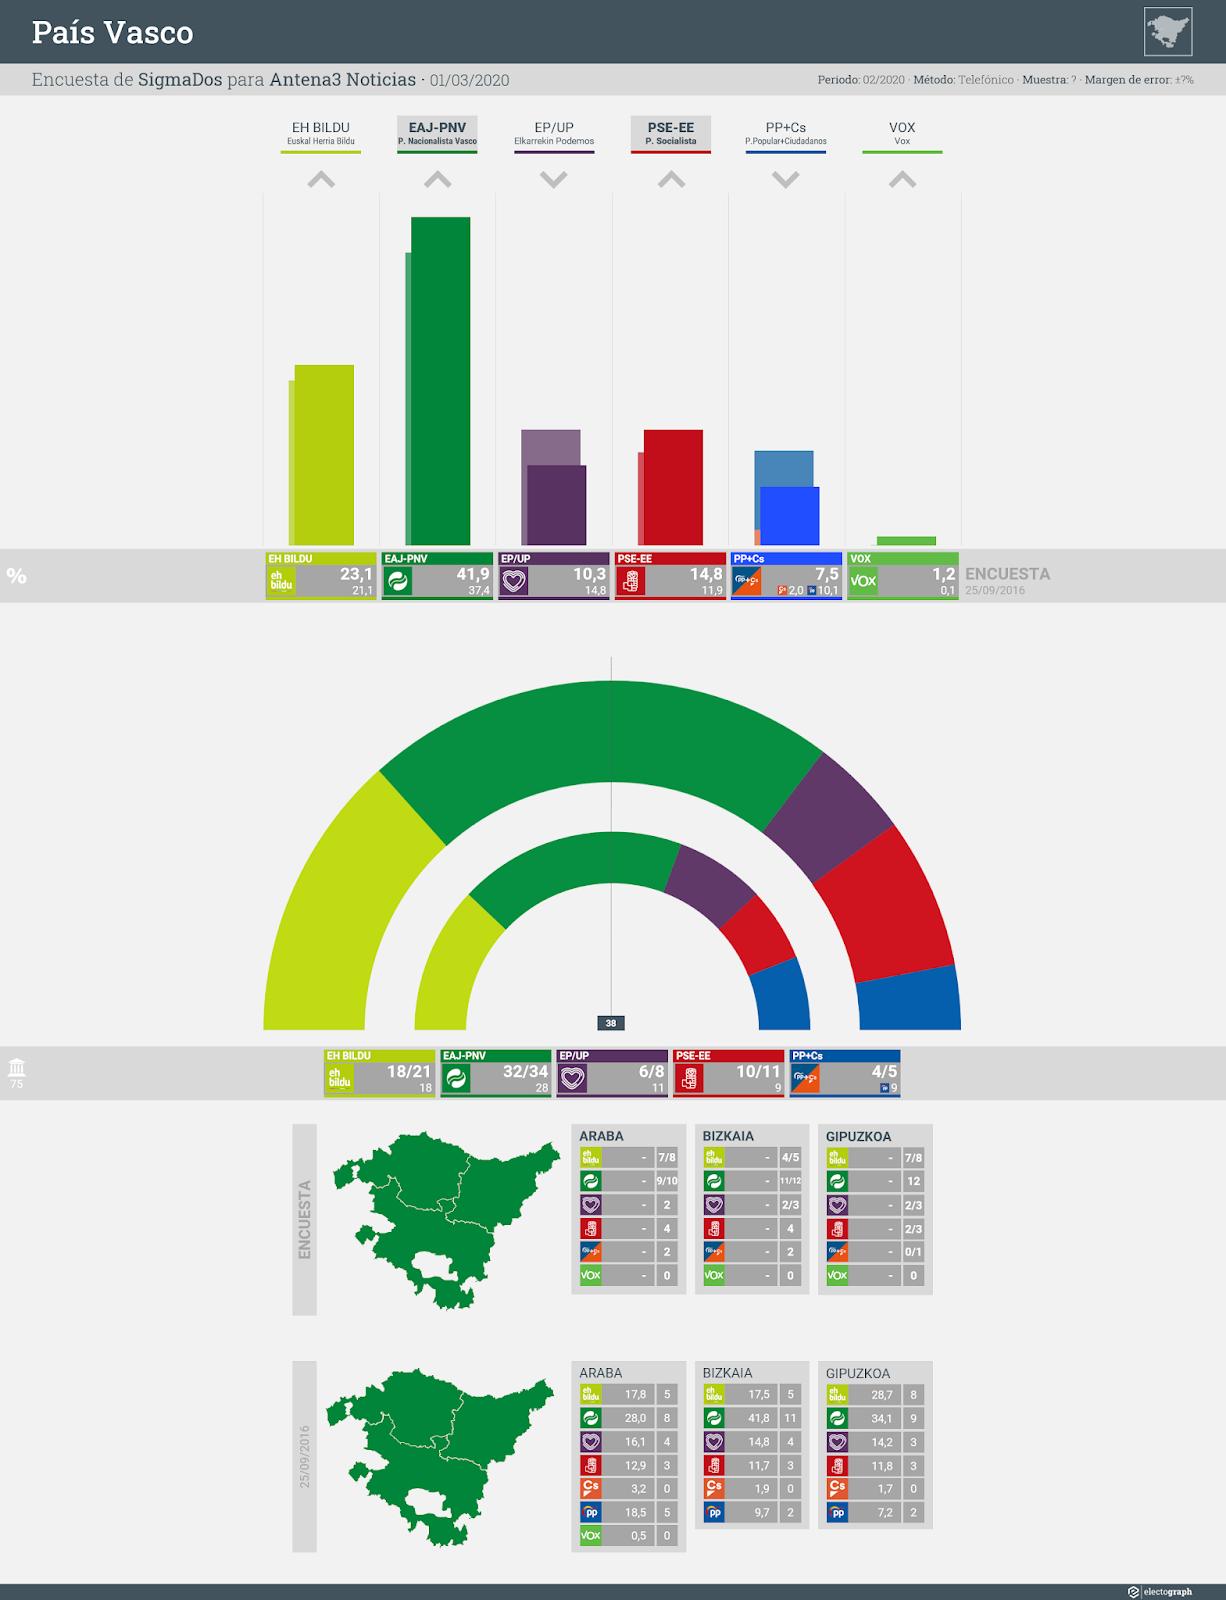 Gráfico de la encuesta para elecciones autonómicas en el País Vasco realizada por SigmaDos para Antena3 Noticias, 1 de marzo de 2020